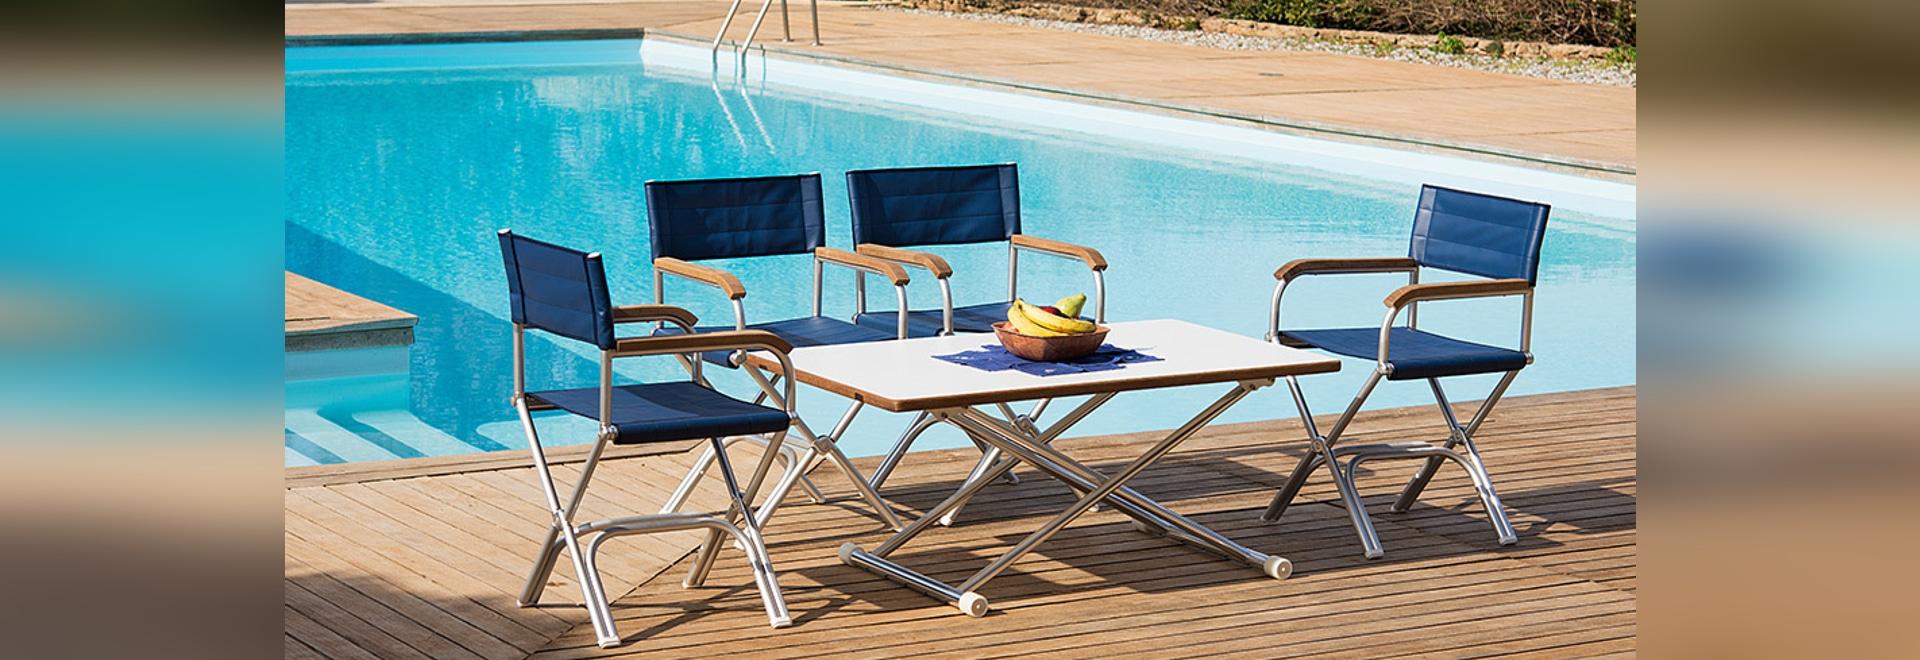 Superior design deck chair